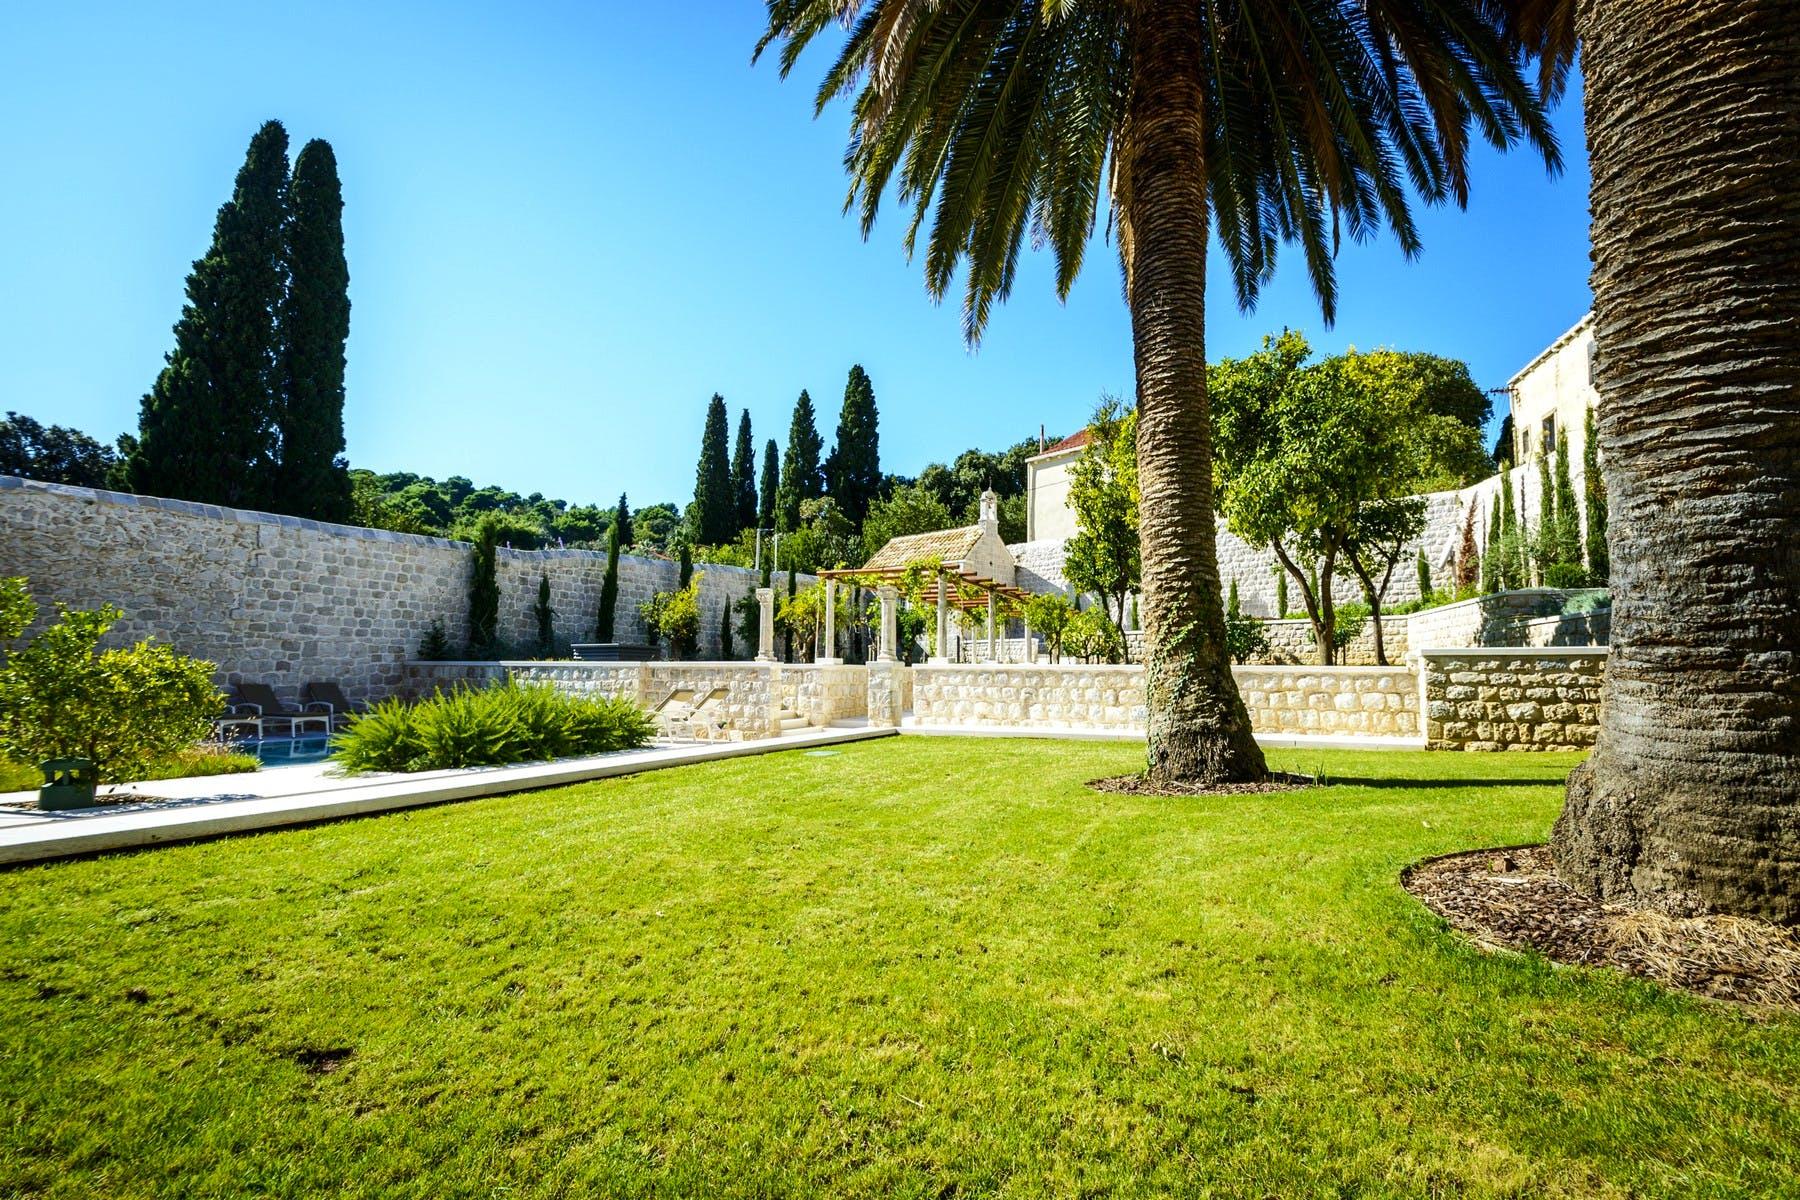 Dobro održavano dvorište i vrt